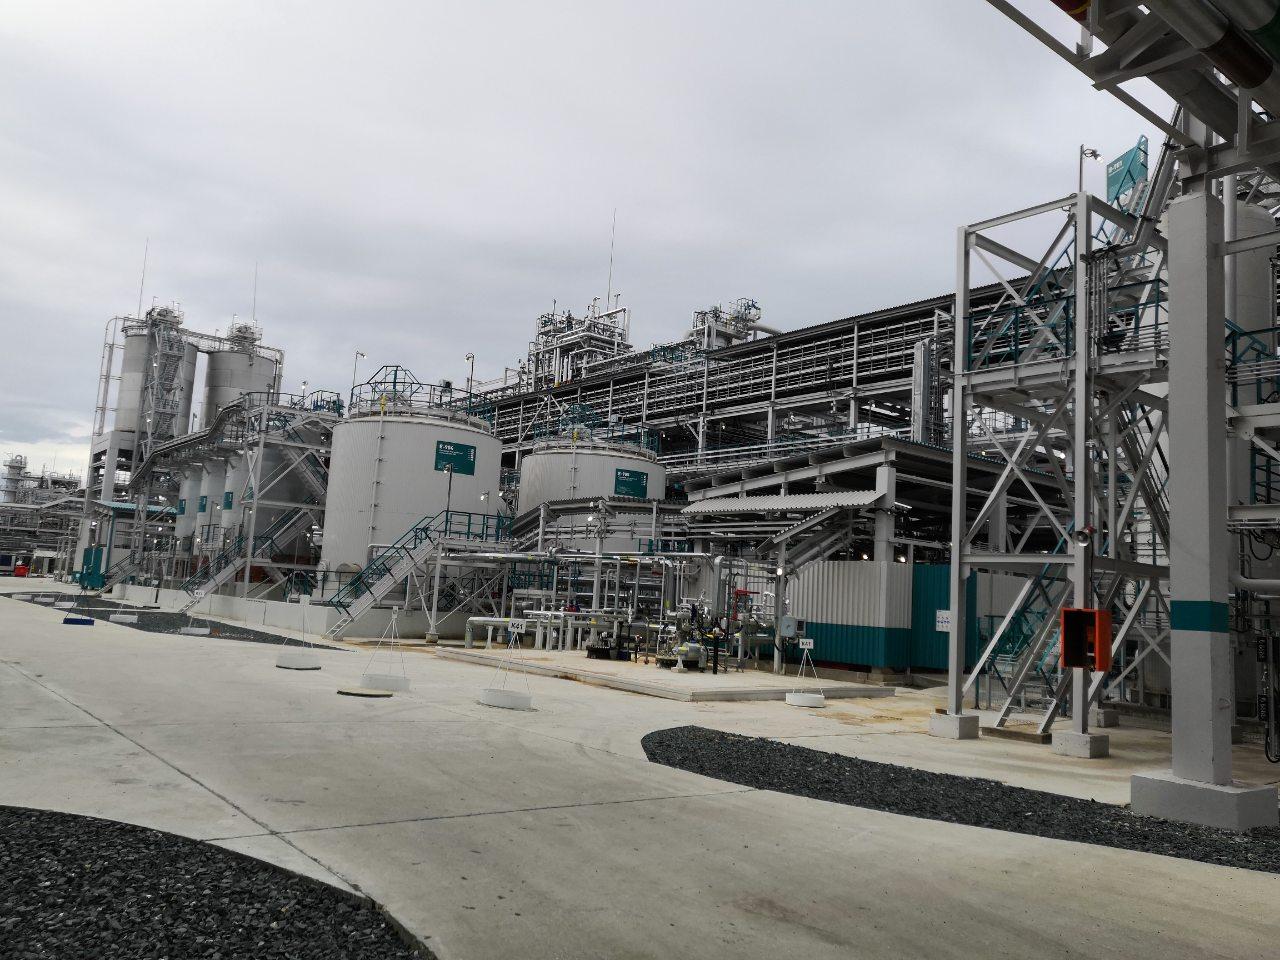 «Строительство нового производства ДОТФ мощностью 100 тыс. тонн в год на площадке АО «Сибур-Химпром»